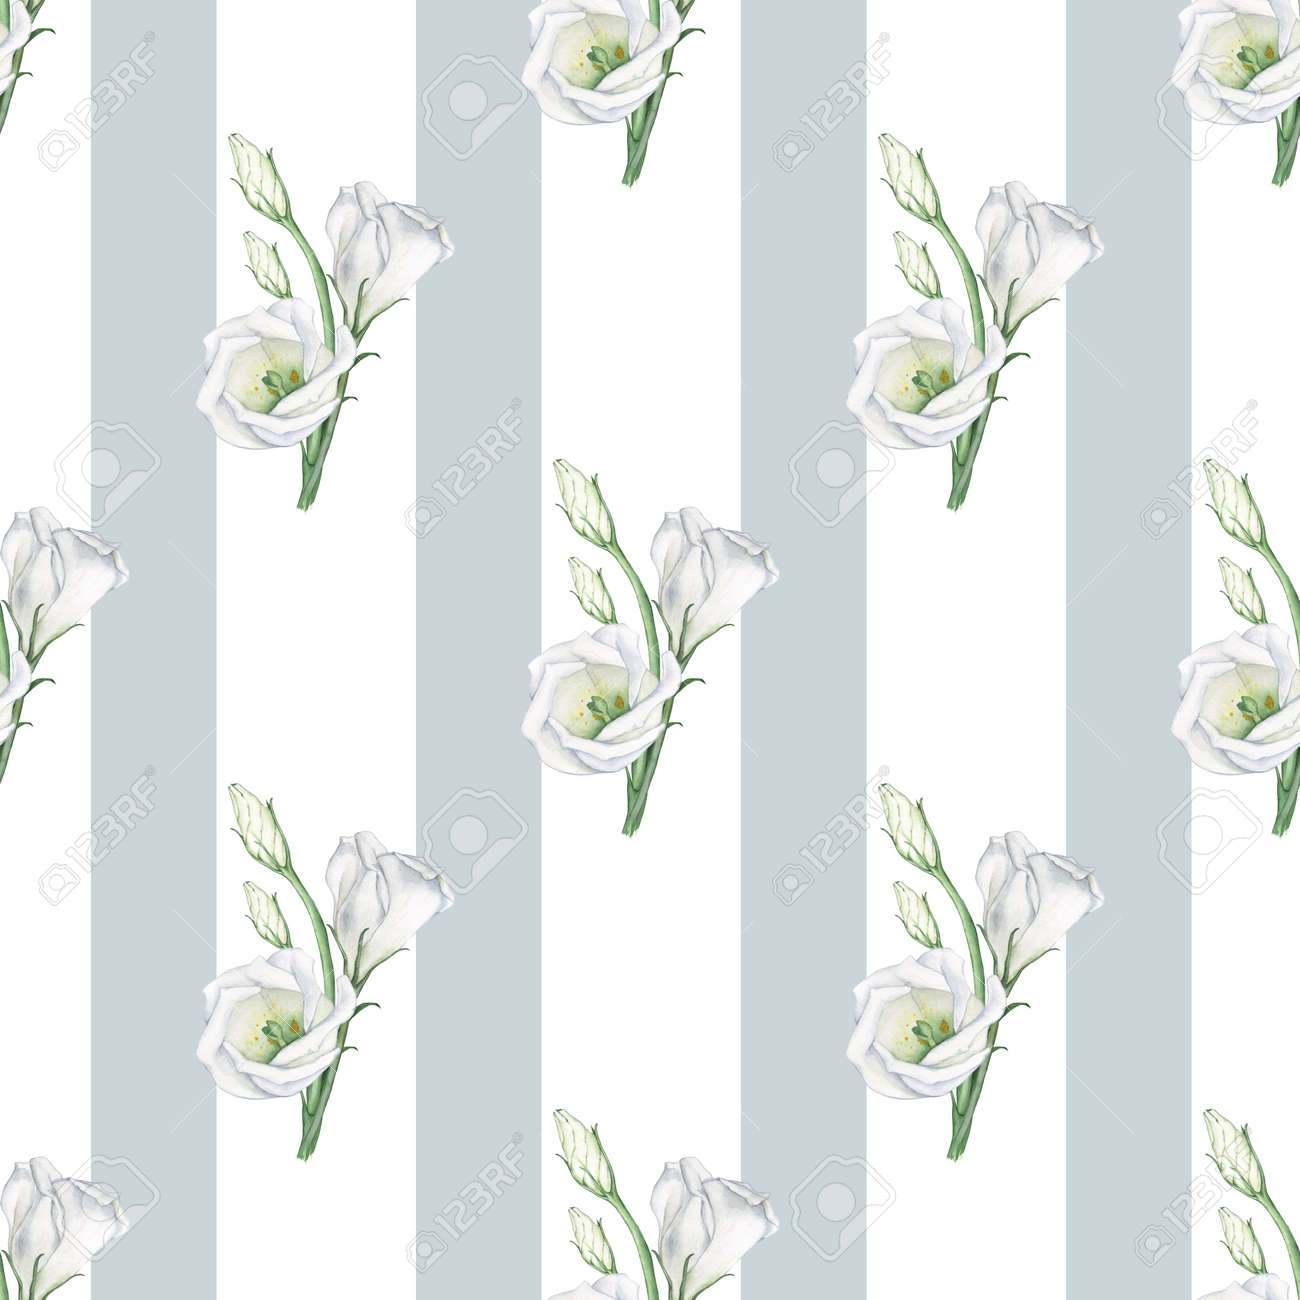 Flores Blancas En Un Patrón De Tablero De Ajedrez. Fondo De Acuarela ...